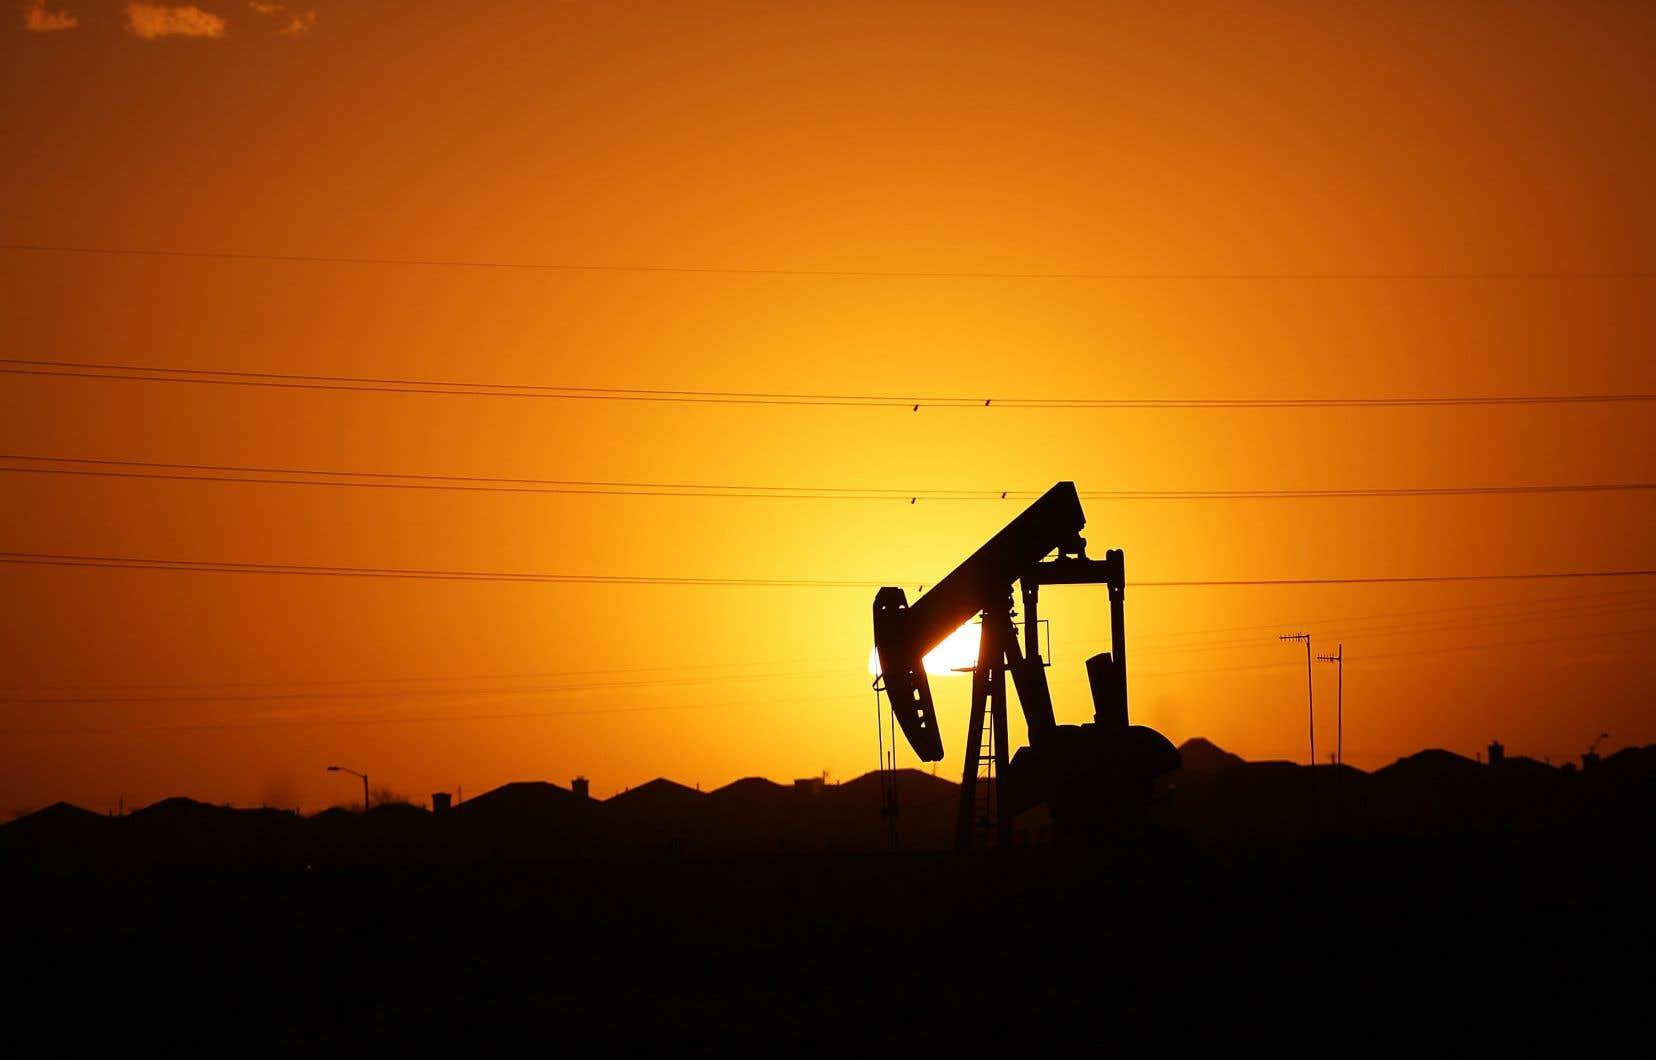 Pour les groupes pétroliers, les conséquences seront durables: les dépenses d'investissement du secteur devraient plonger d'un tiers cette année.